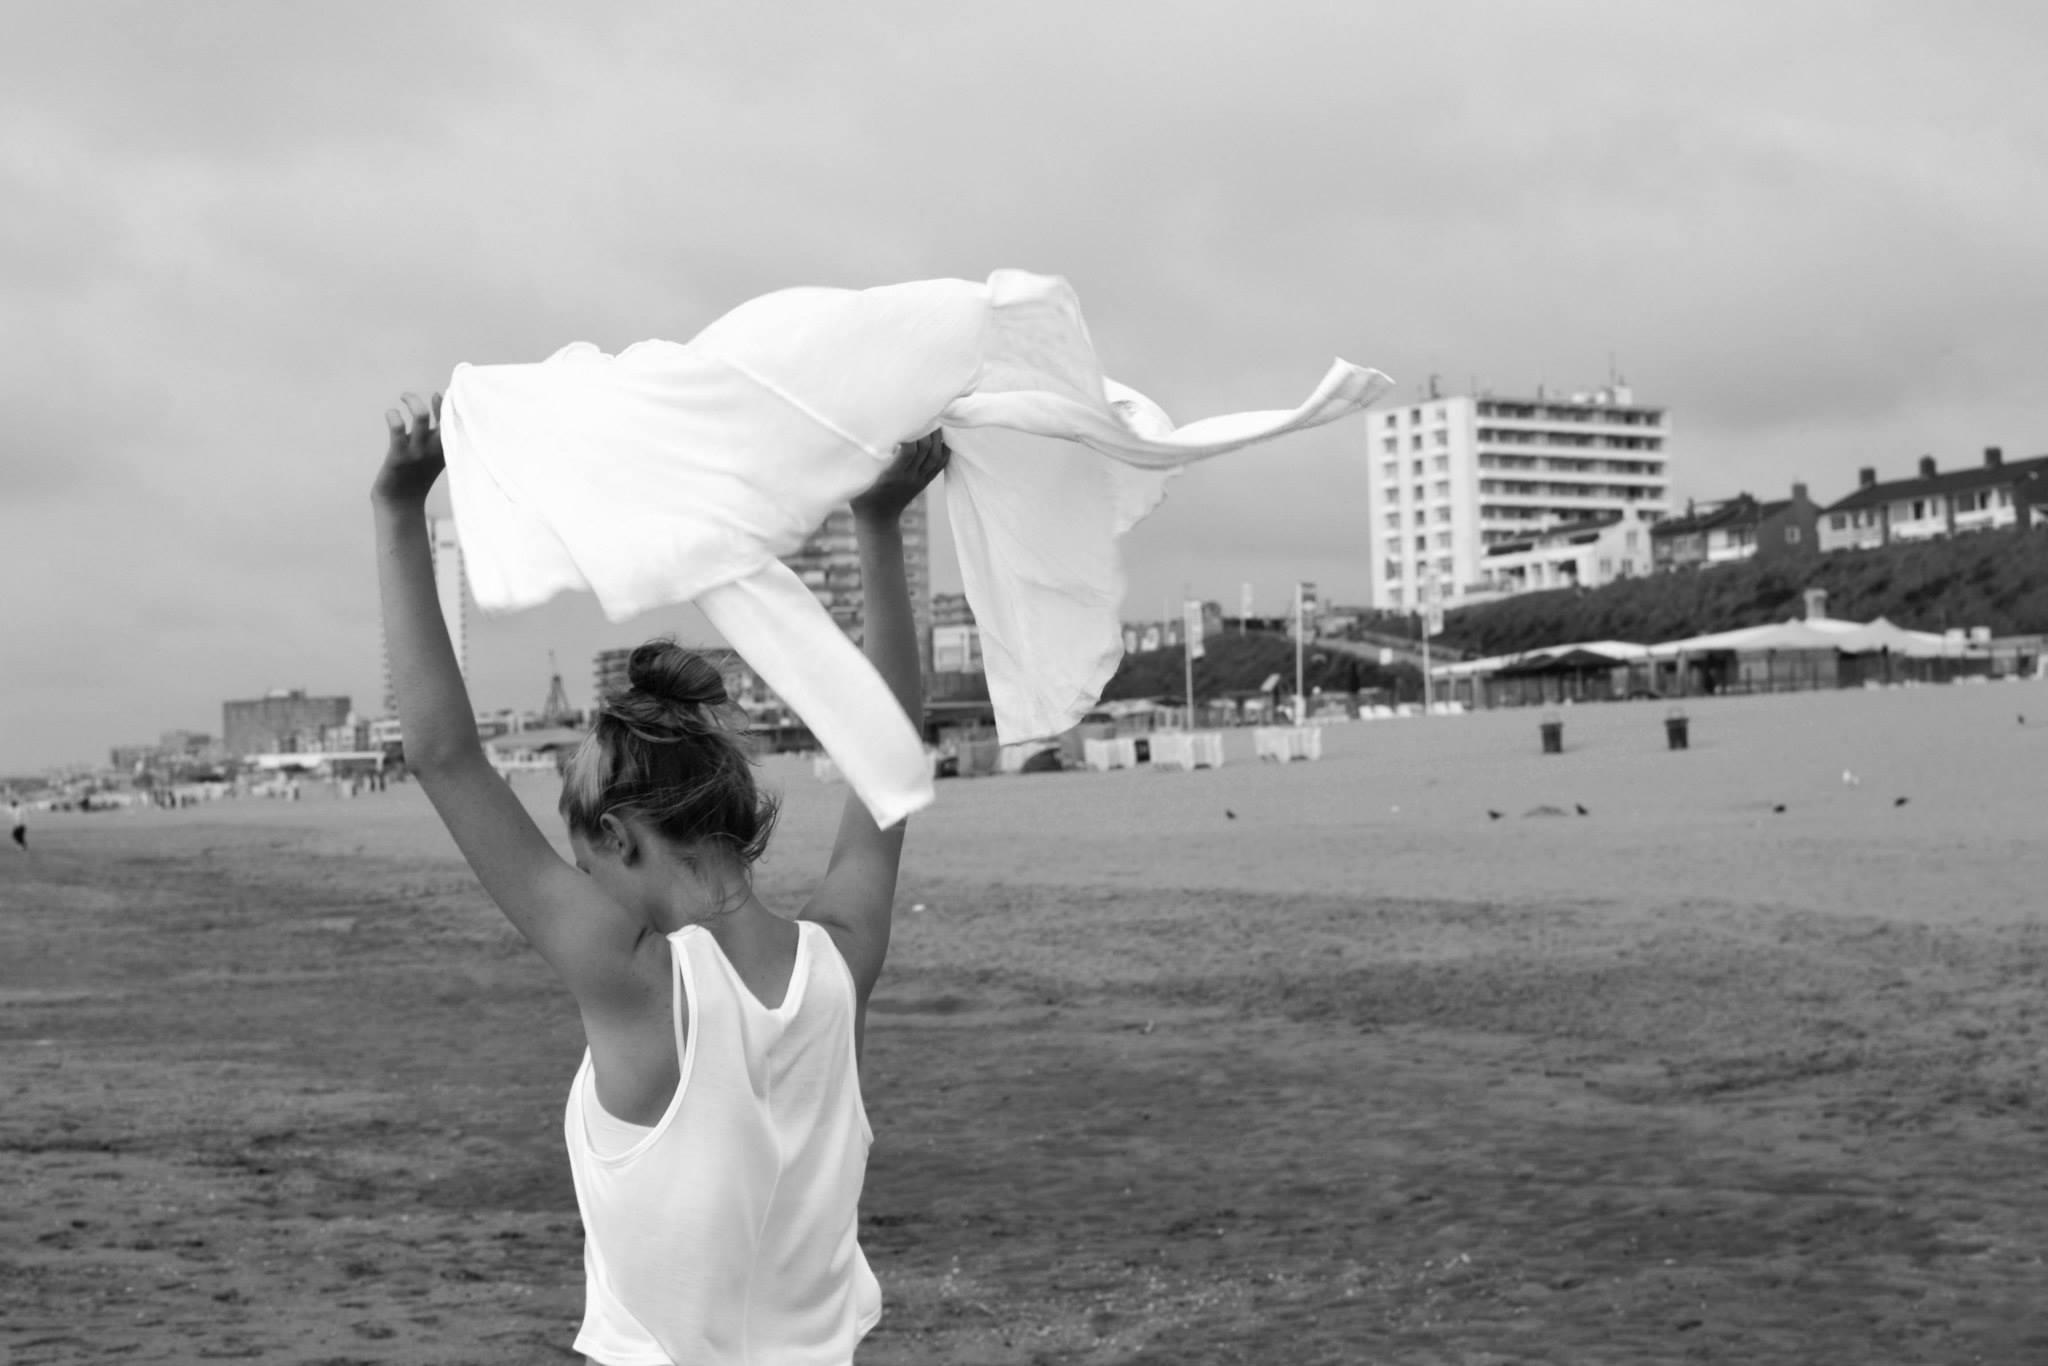 Pláž, Zandvoort, Holandsko Nikon D3100, Nikkor 35mm, 1/100 s, F7,1, ISO 100, ohnisko 35 mm